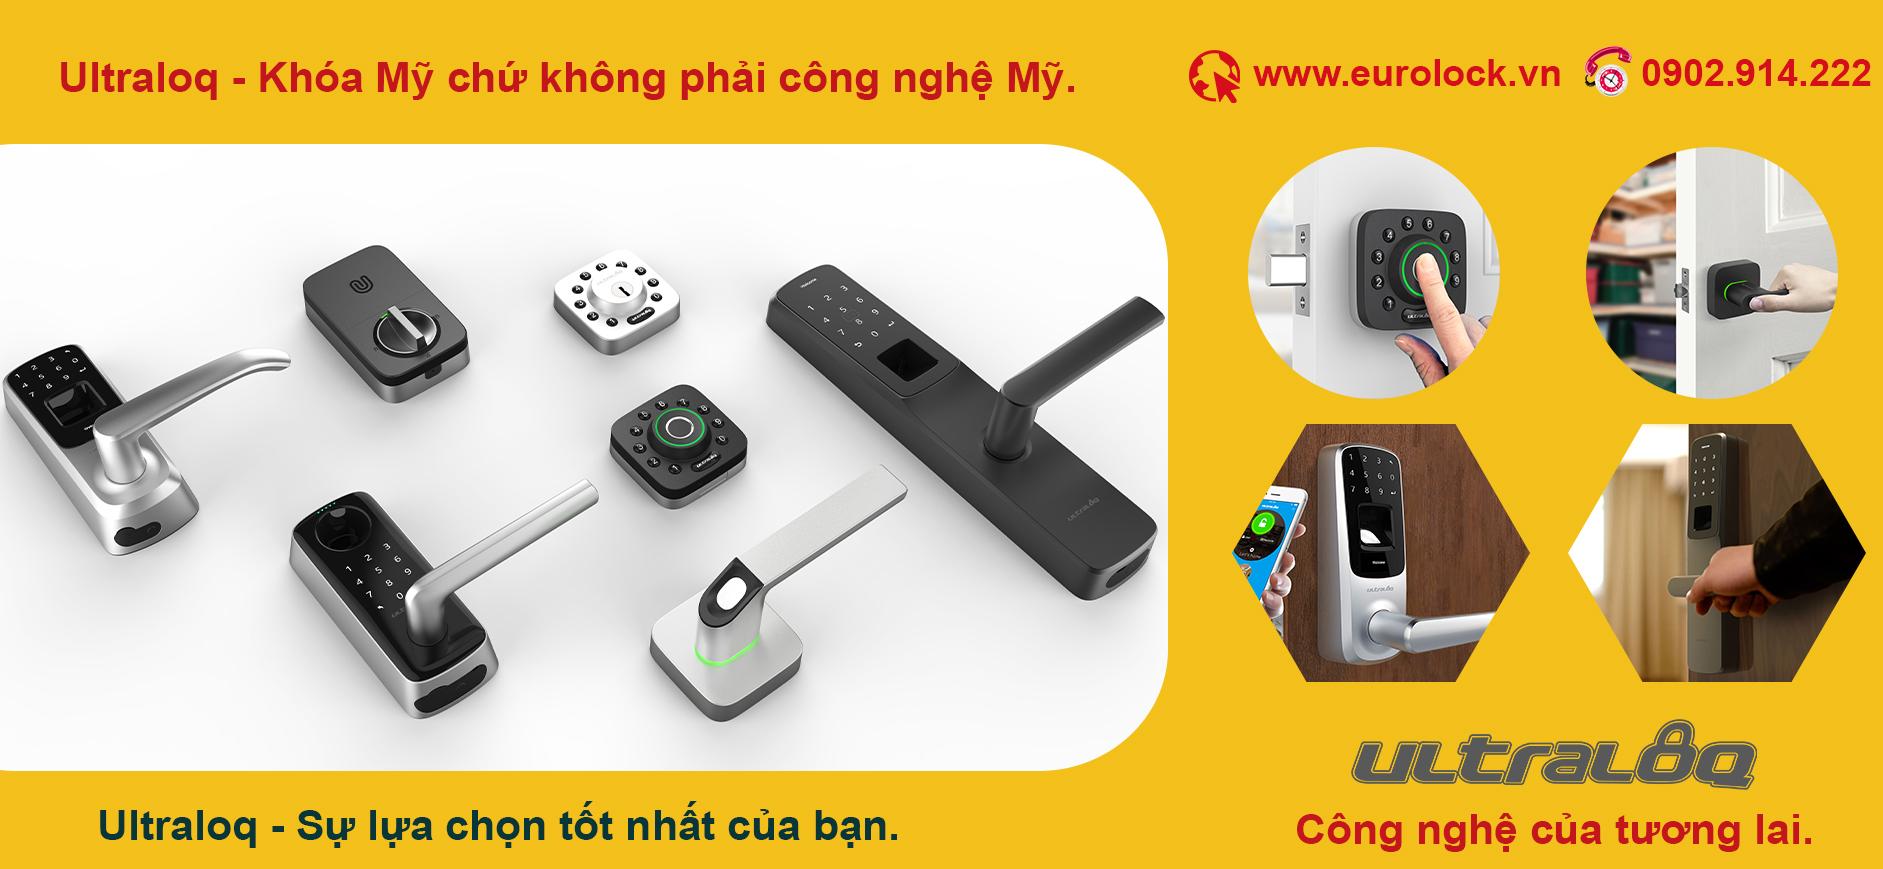 Phân phối độc quyền khóa điện tử mở từ xa bằng wifi ULTRALOQ tại Việt nam